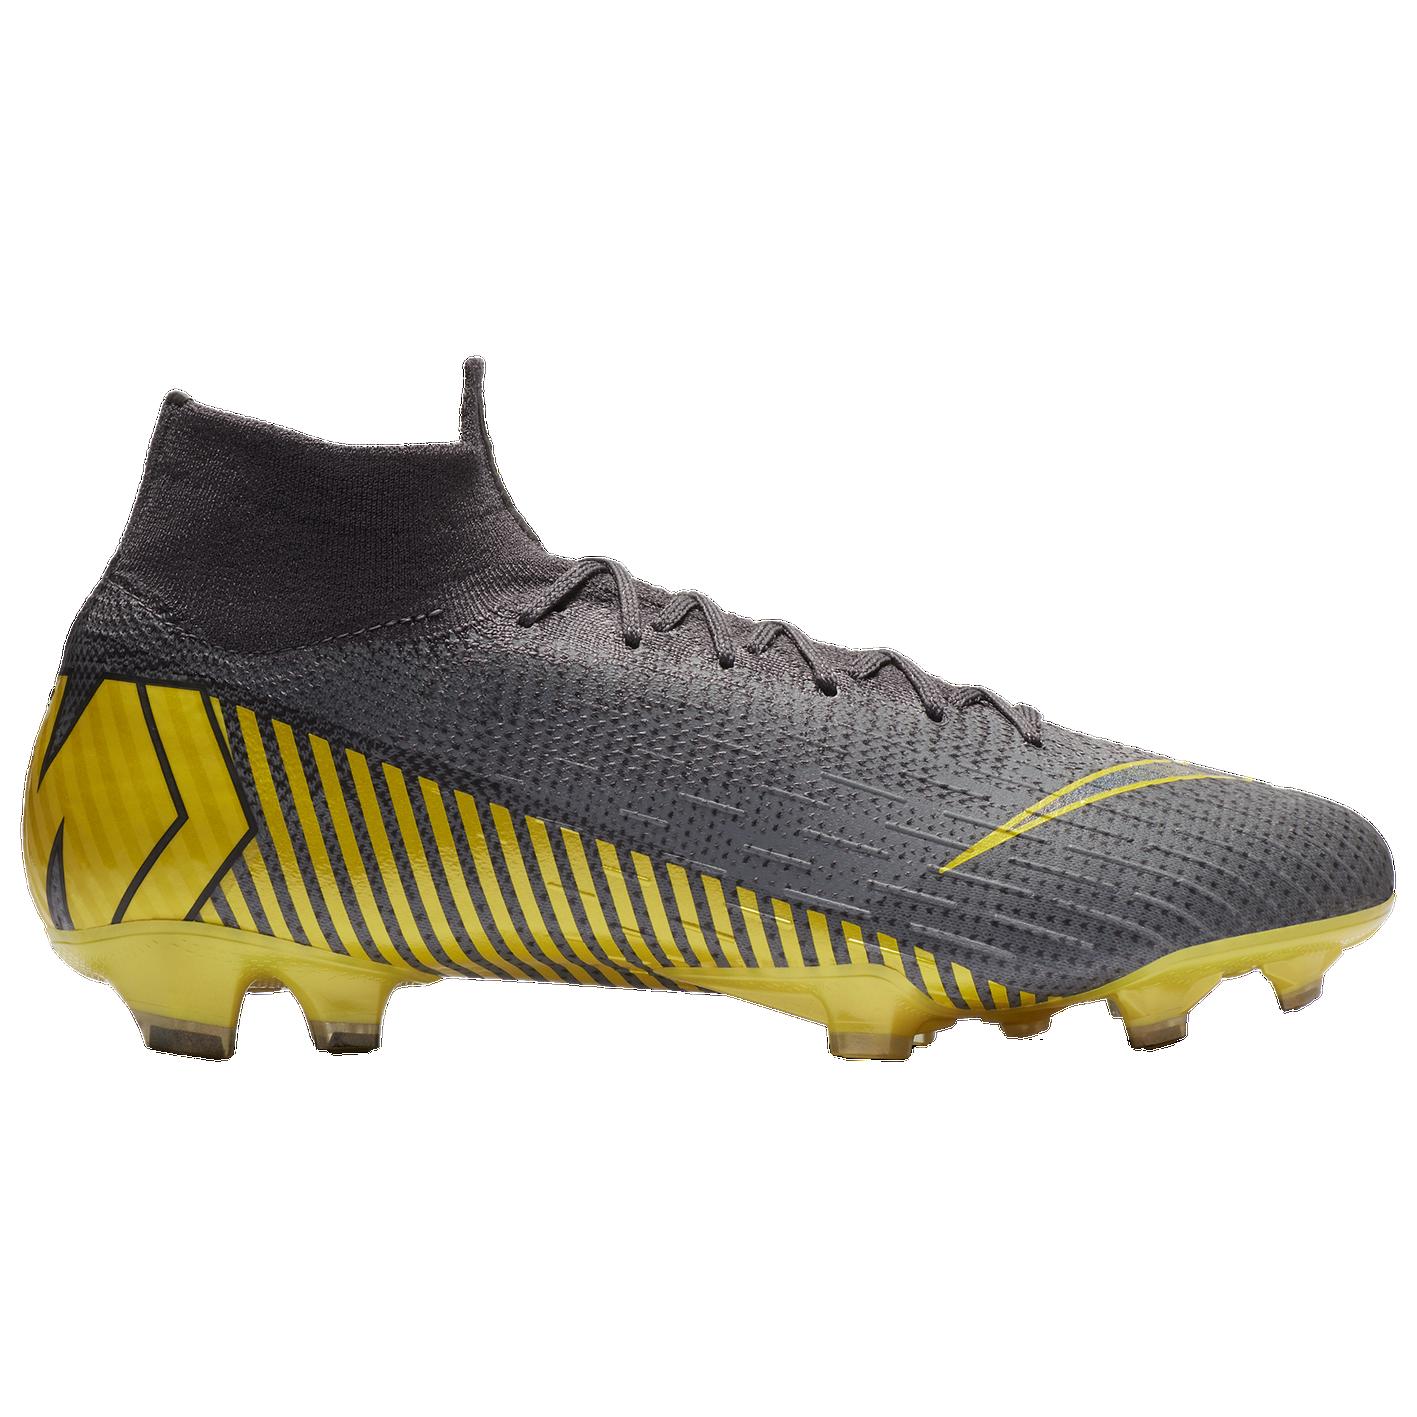 956504239 Nike Mecurial Superfly 6 Elite FG - Men s - Soccer - Shoes - Thunder ...